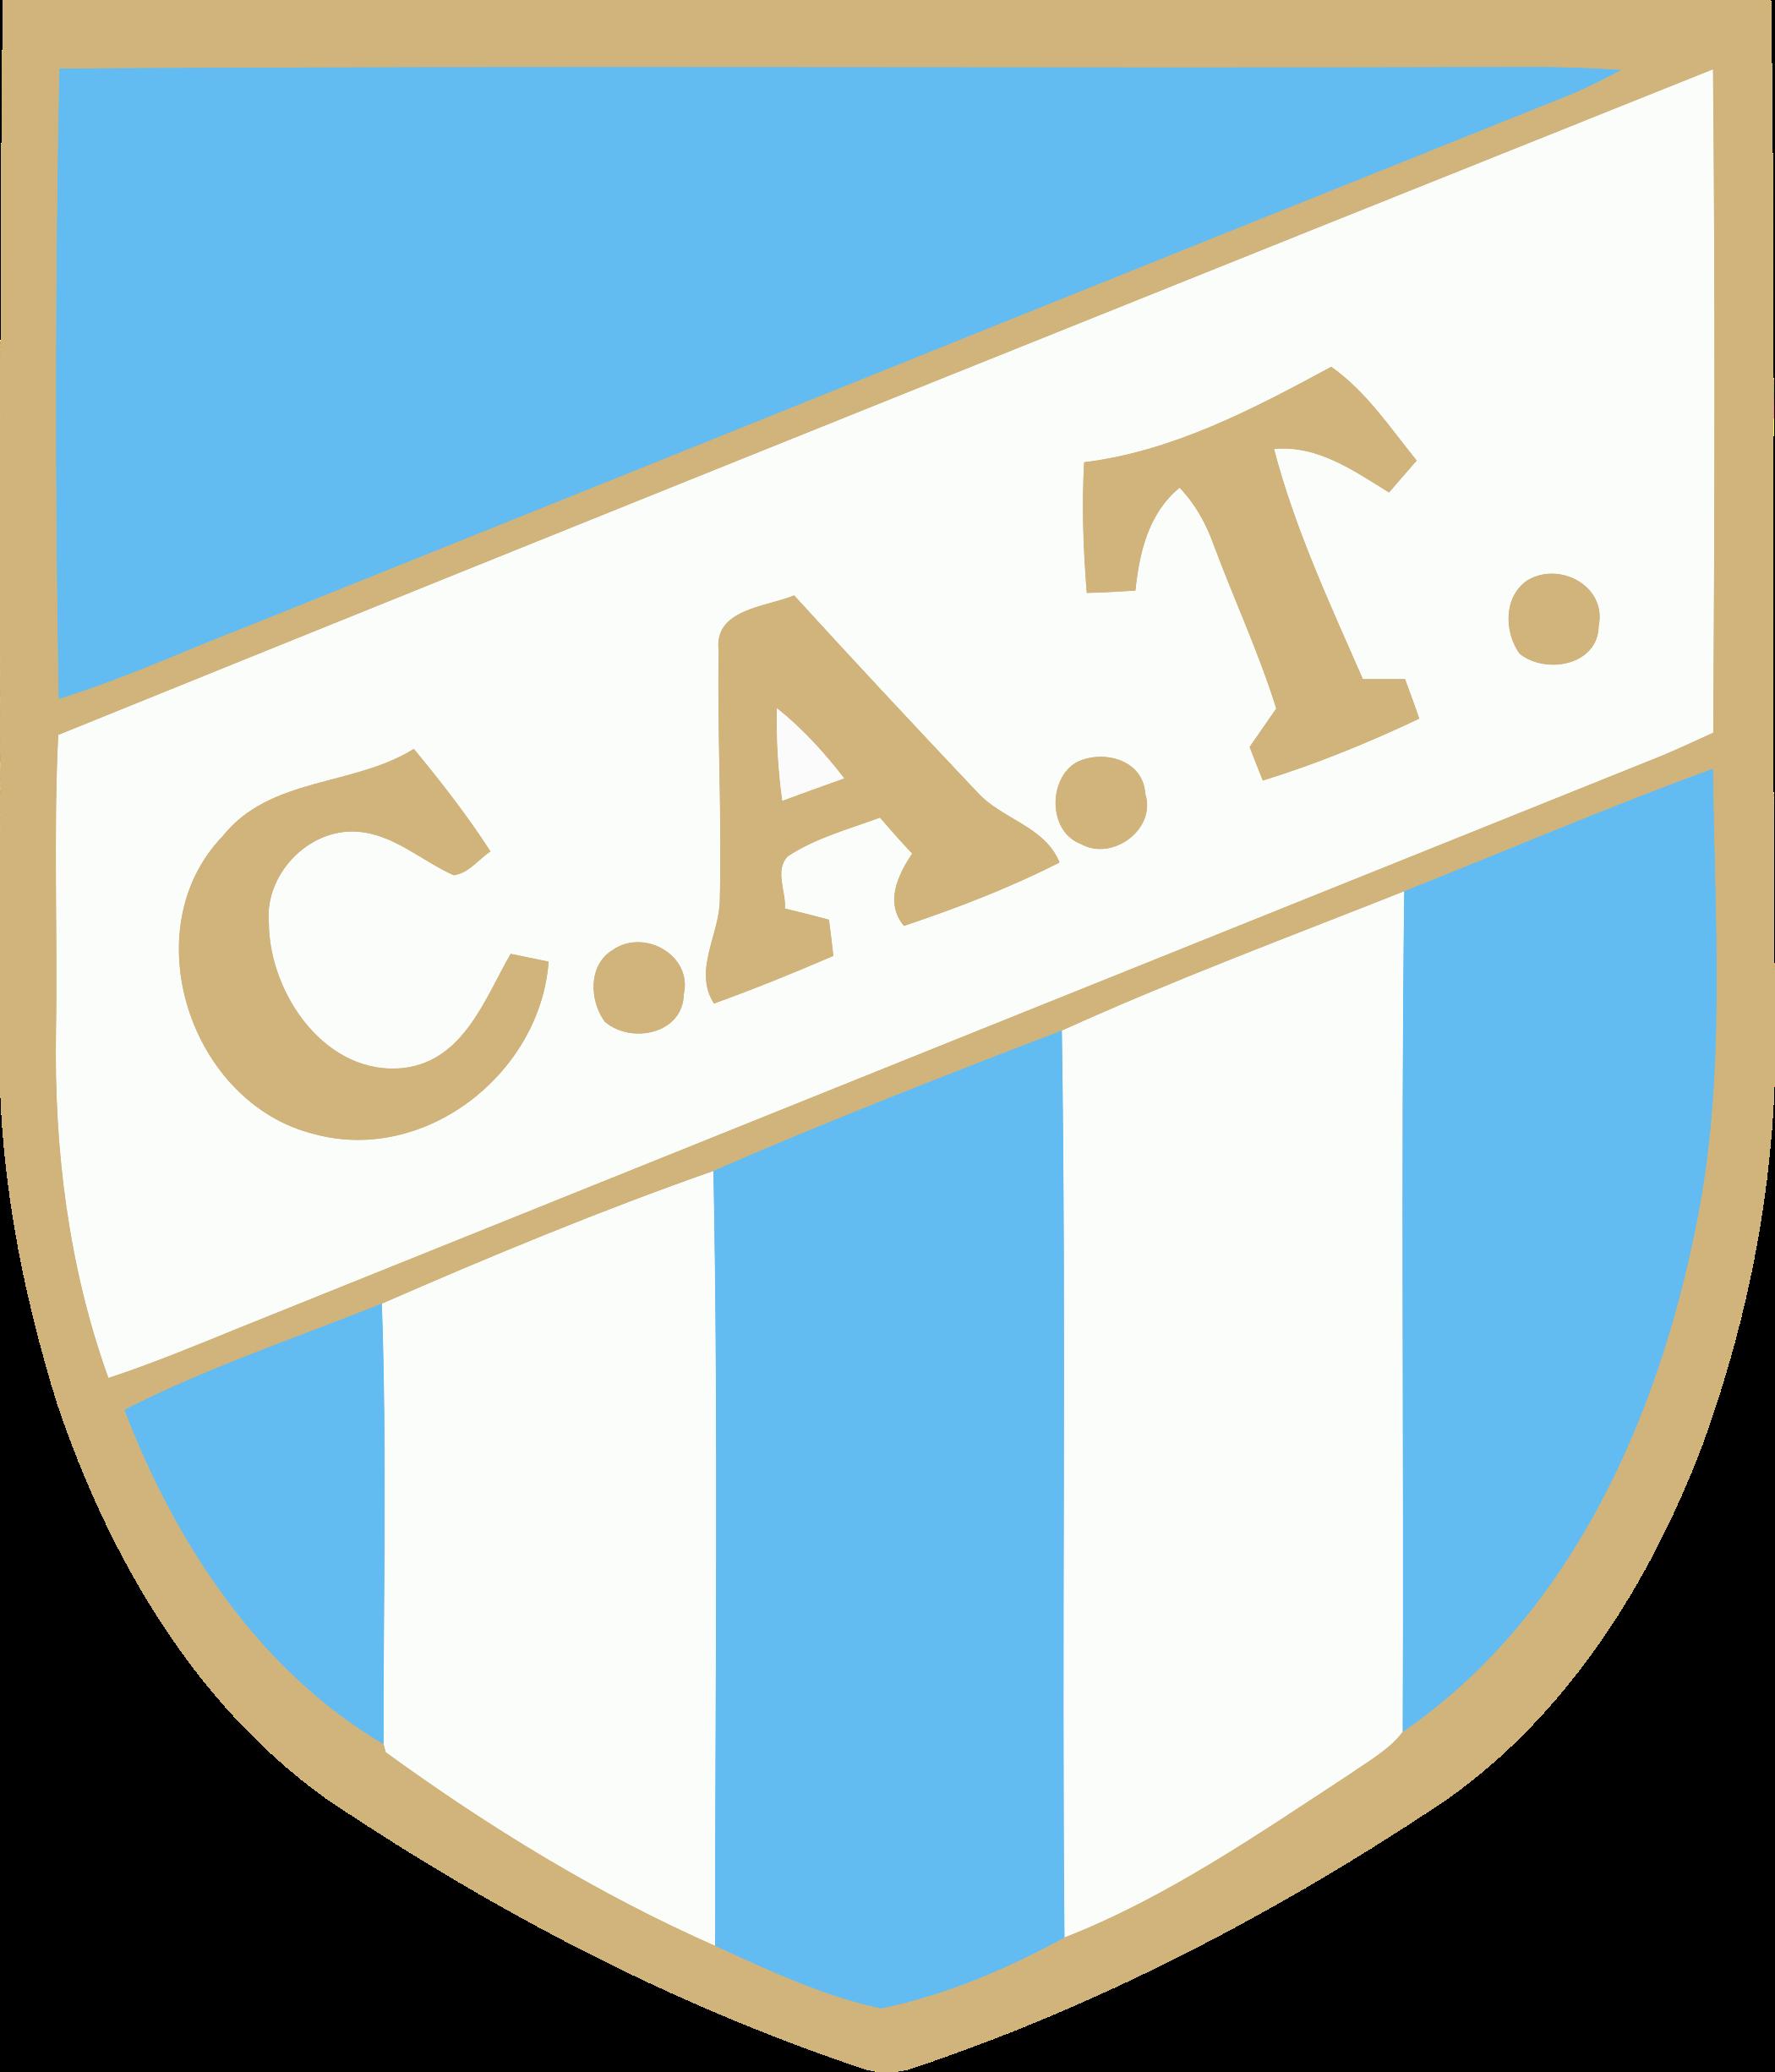 atletico tucuman logo escudo 1 - Club Atlético Tucumán Logo - Escudo